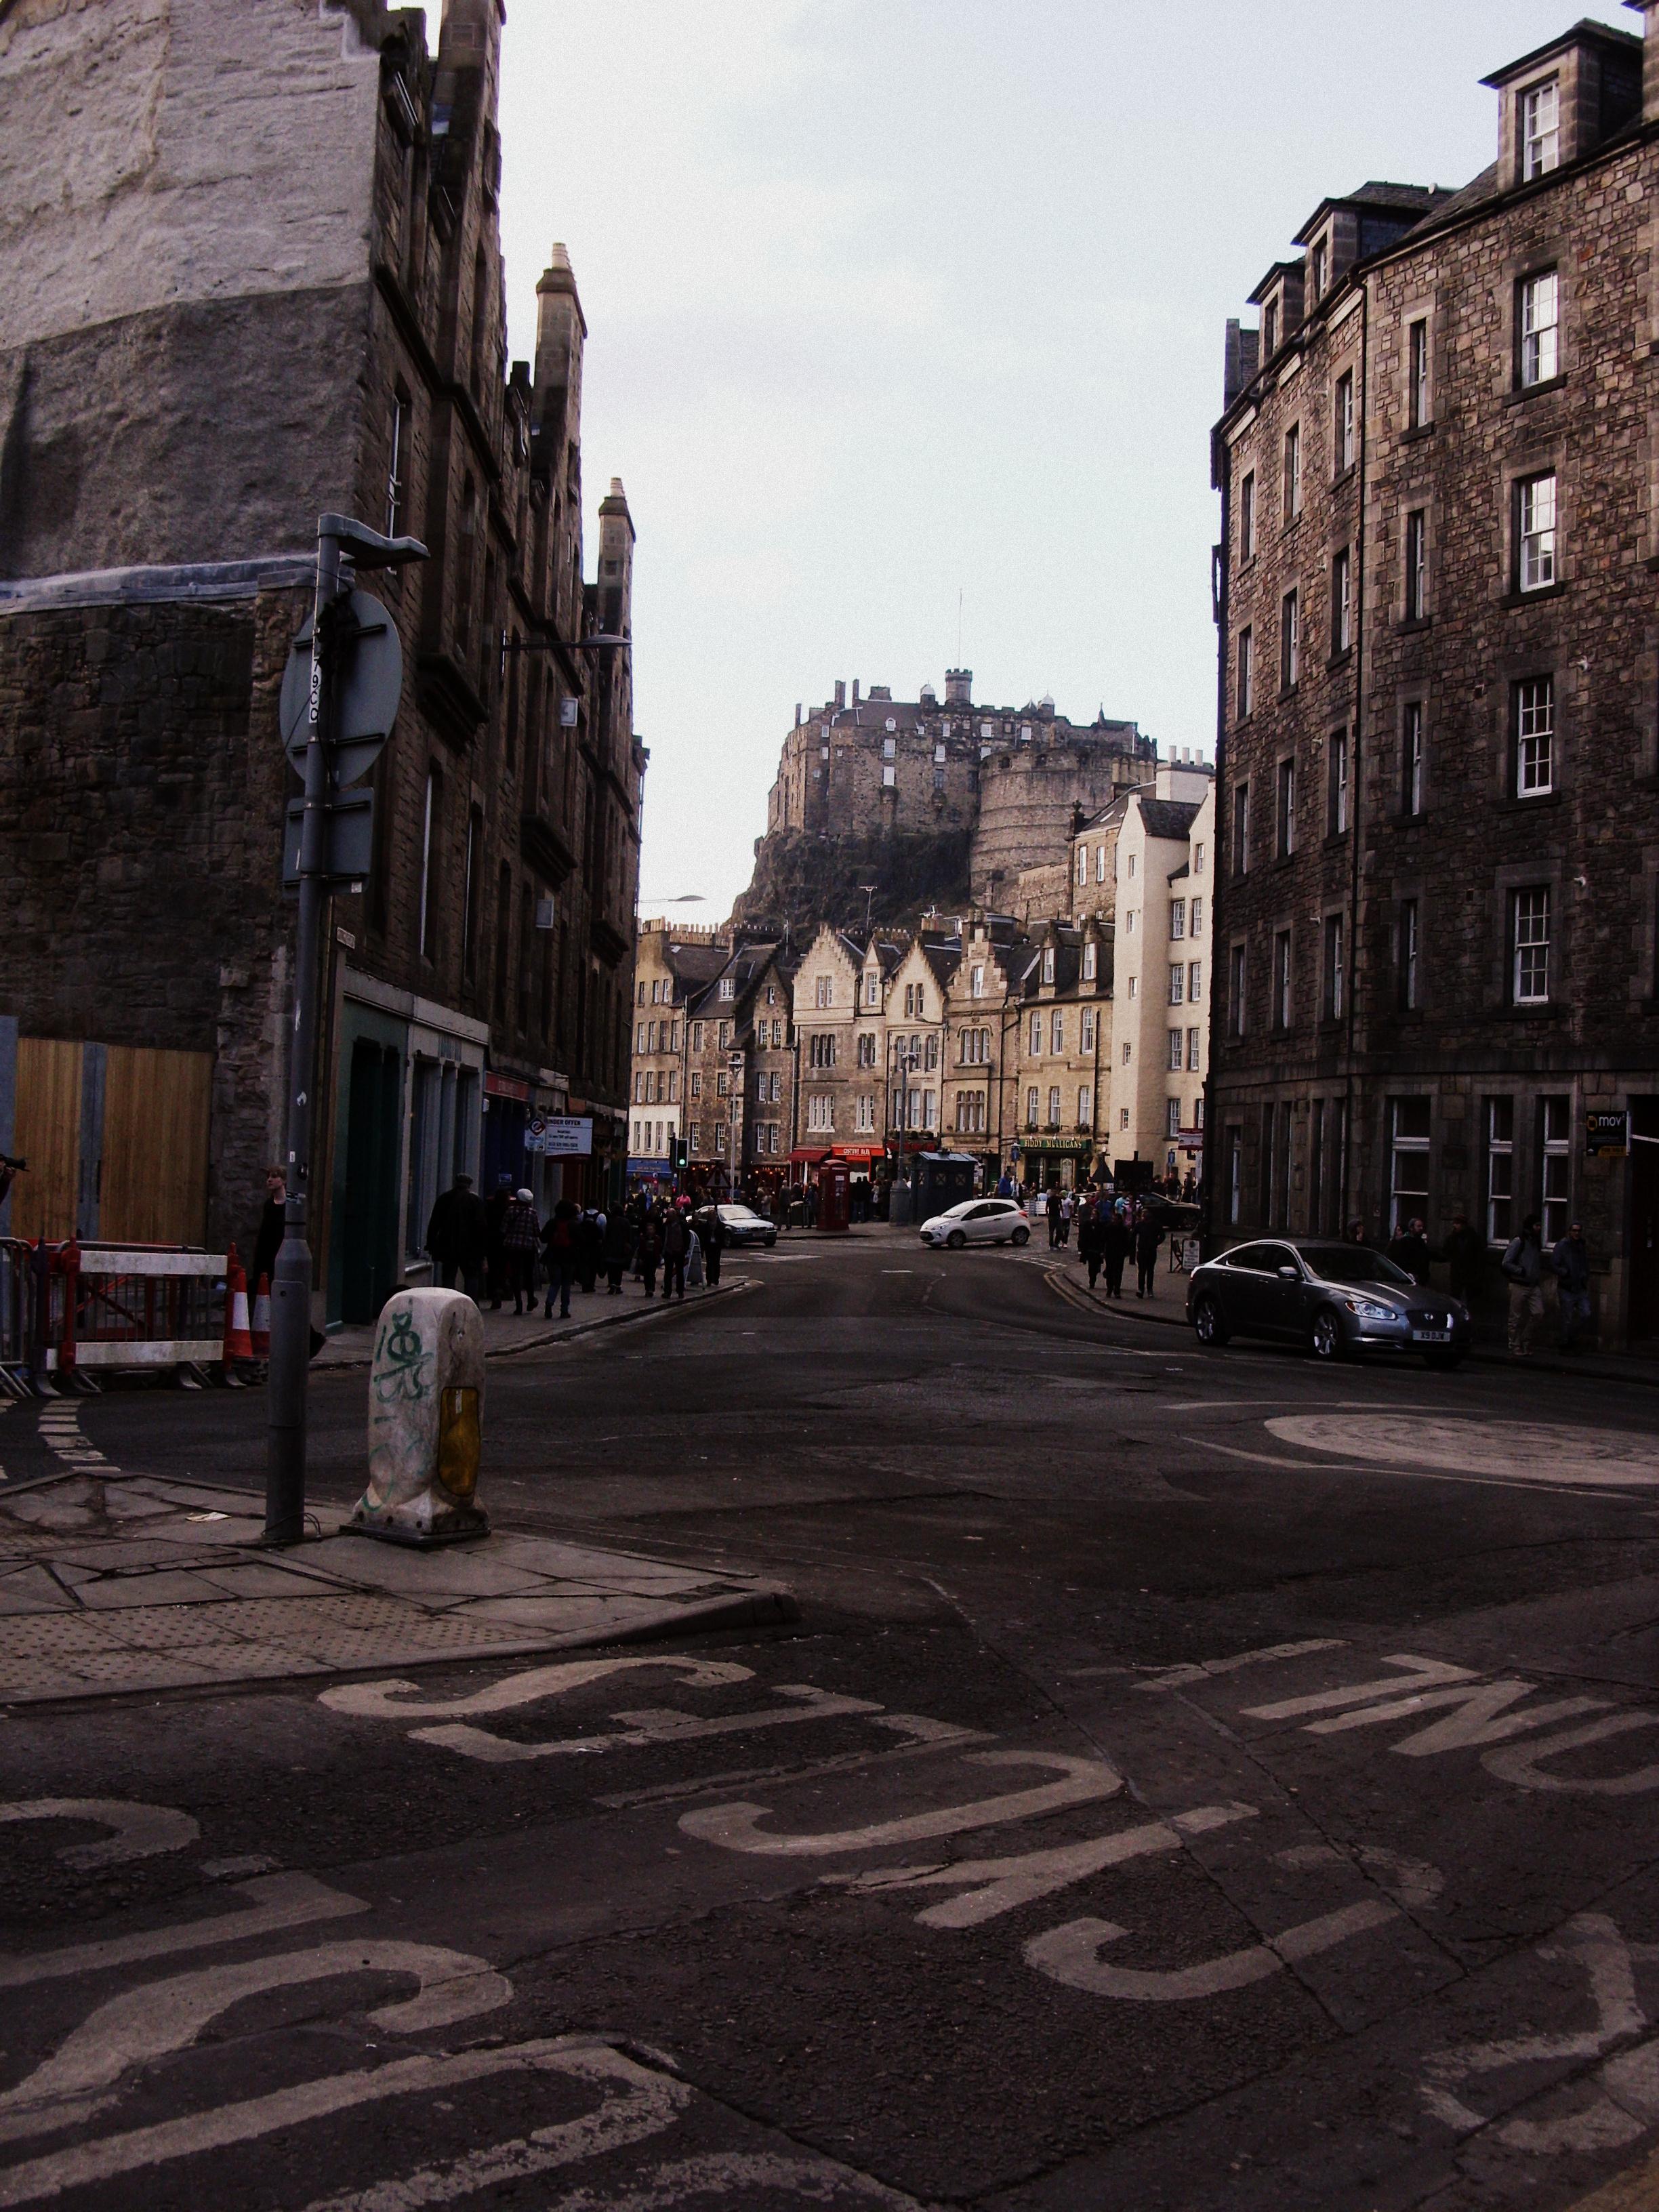 Une ville, cinq clichés – Edimbourg – Ecosse